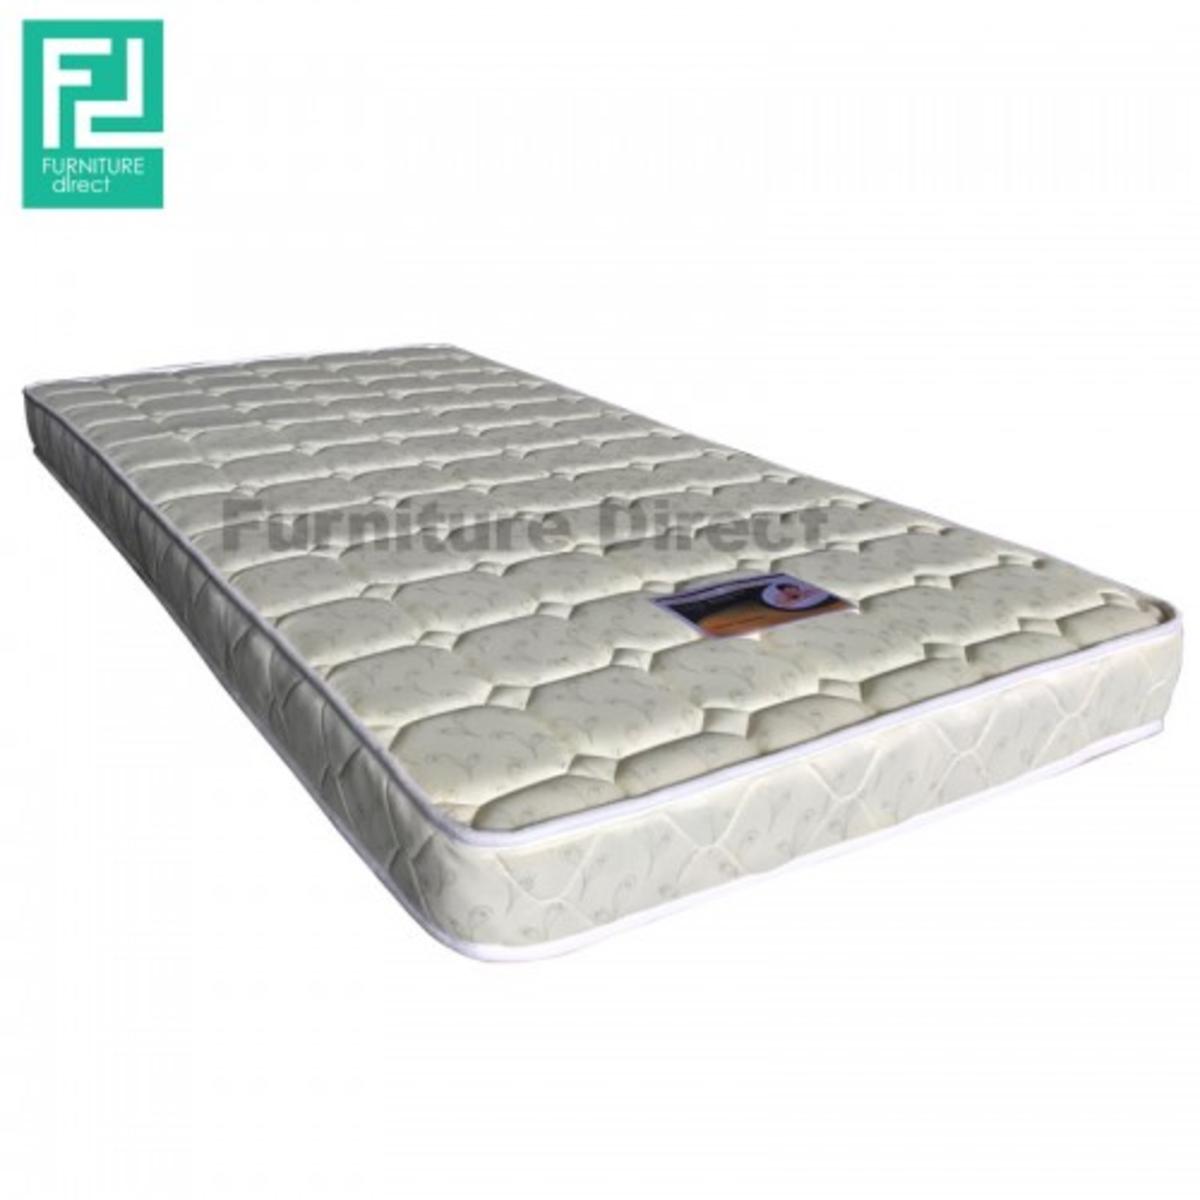 Furniture Direct 4inch Single Rebond Foam Mattress